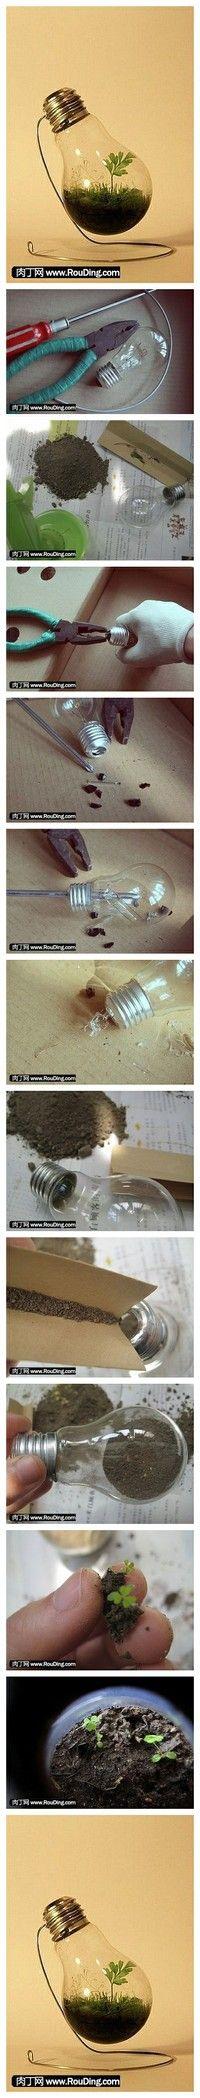 Comment faire un petit jardin dans une ampoule #DIY #Glassislife